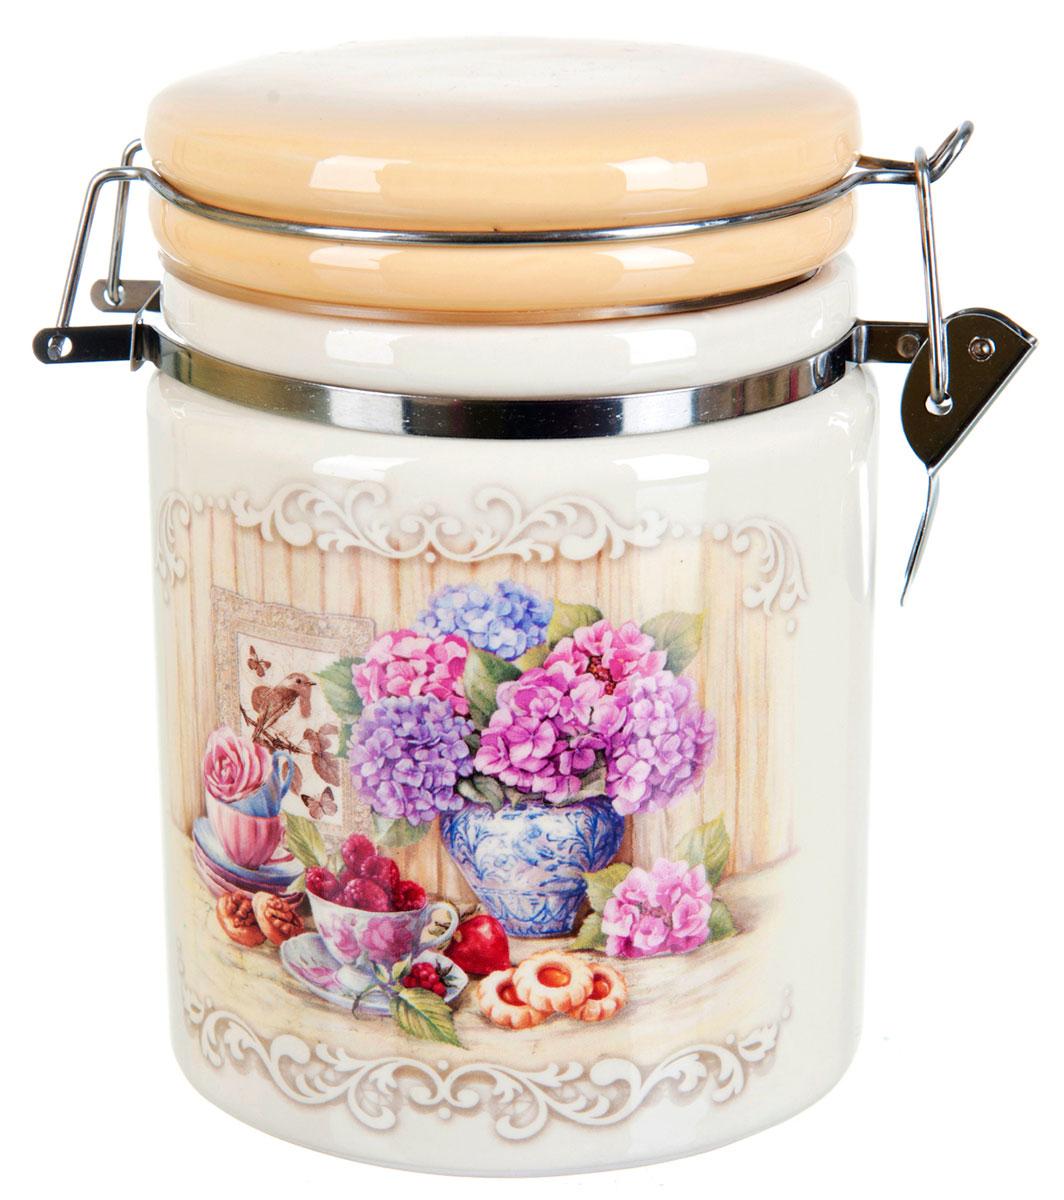 Банка для сыпучих продуктов Polystar Sweet Home, 850 млVT-1520(SR)Банка для сыпучих продуктов Polystar Sweet Home изготовлена из прочной доломитовой керамики, покрытой слоем сверкающей гладкой глазури. Изделие оформлено красочным изображением. Банка прекрасно подойдет для хранения различных сыпучих продуктов: чая, кофе, сахара, круп и многого другого. Благодаря силиконовой прослойке и бугельному замку, крышка герметично закрывается, что позволяет дольше сохранять продукты свежими. Изящная емкость не только поможет хранить разнообразные сыпучие продукты, но и стильно дополнит интерьер кухни.